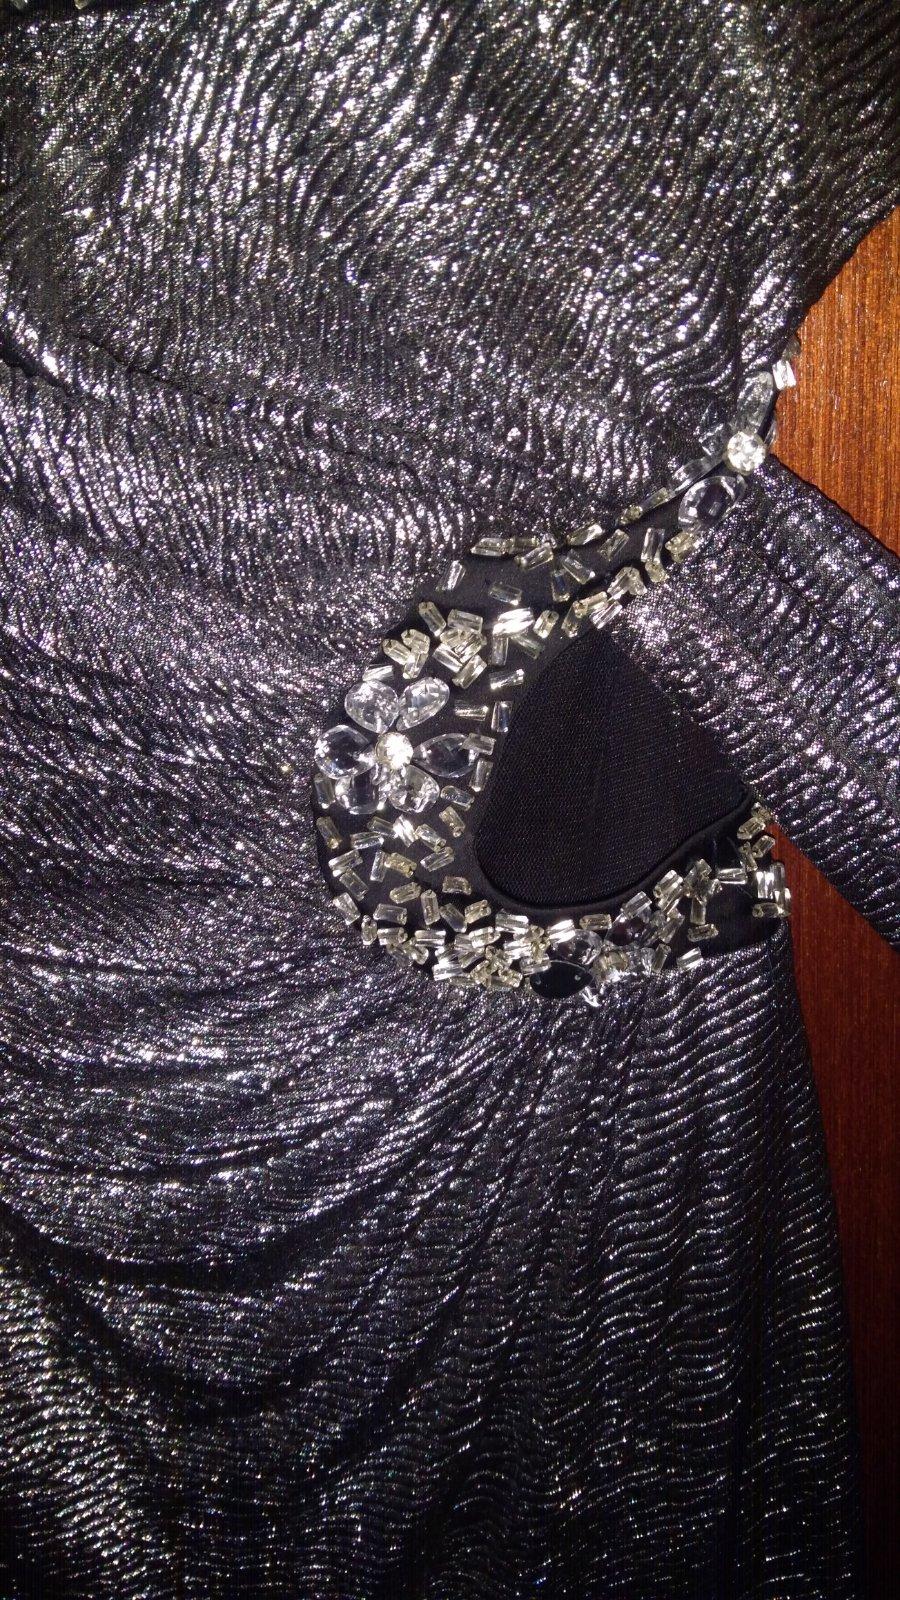 b400a19440d5 6 inzerátov • 1 hodnotenie. Strieborné spoločenské šaty na jedno rameno ...